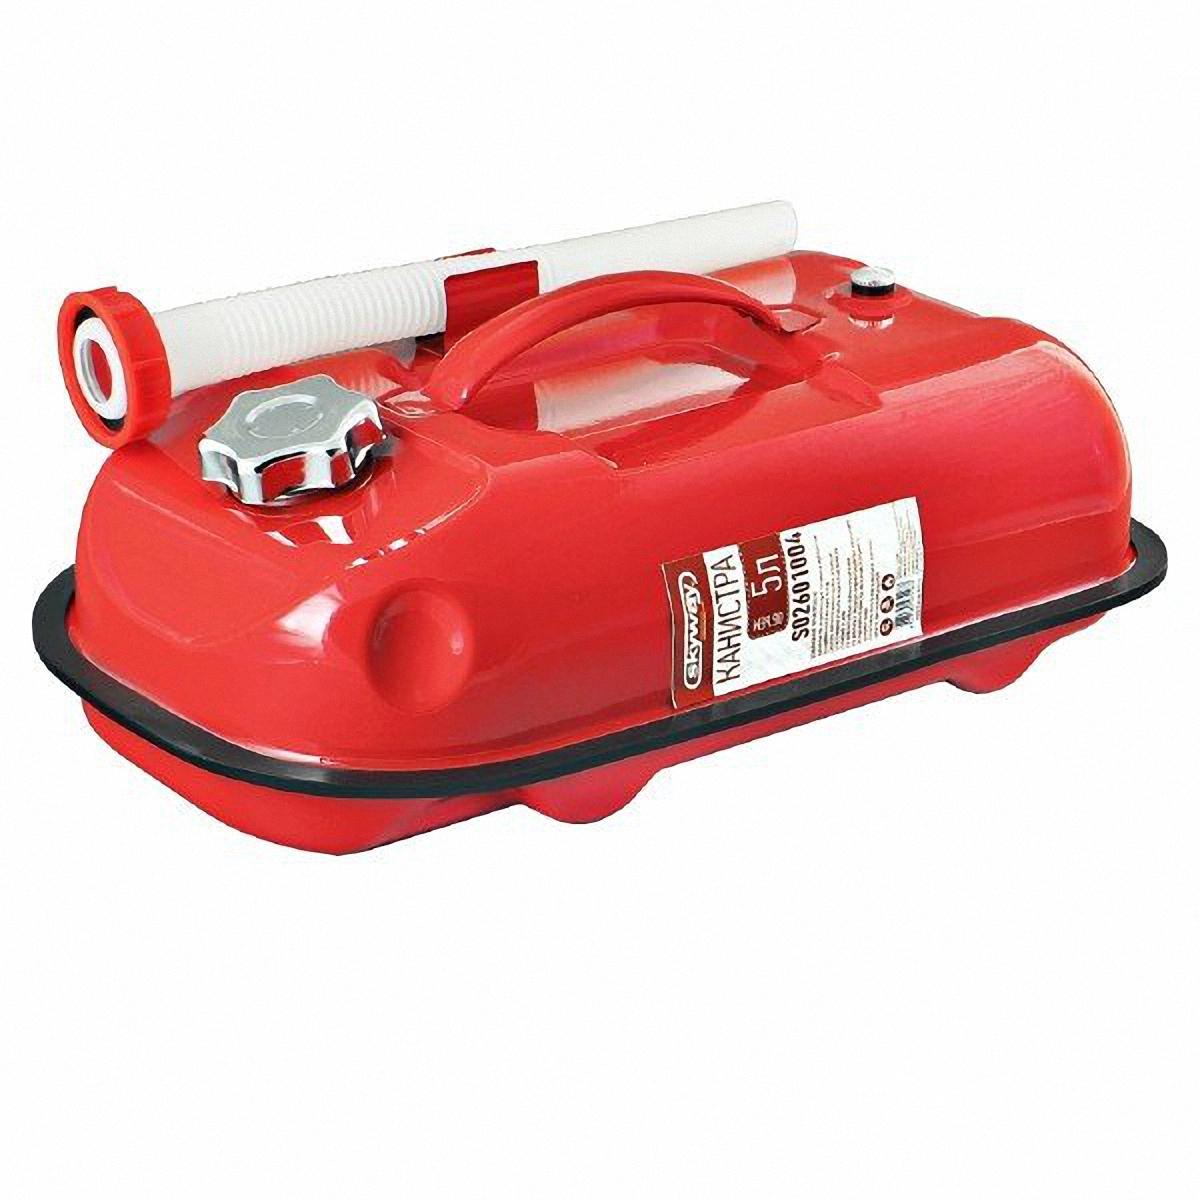 Канистра Skyway, цвет: красный, 5 л канистра для топлива zipower цвет красный 10 л